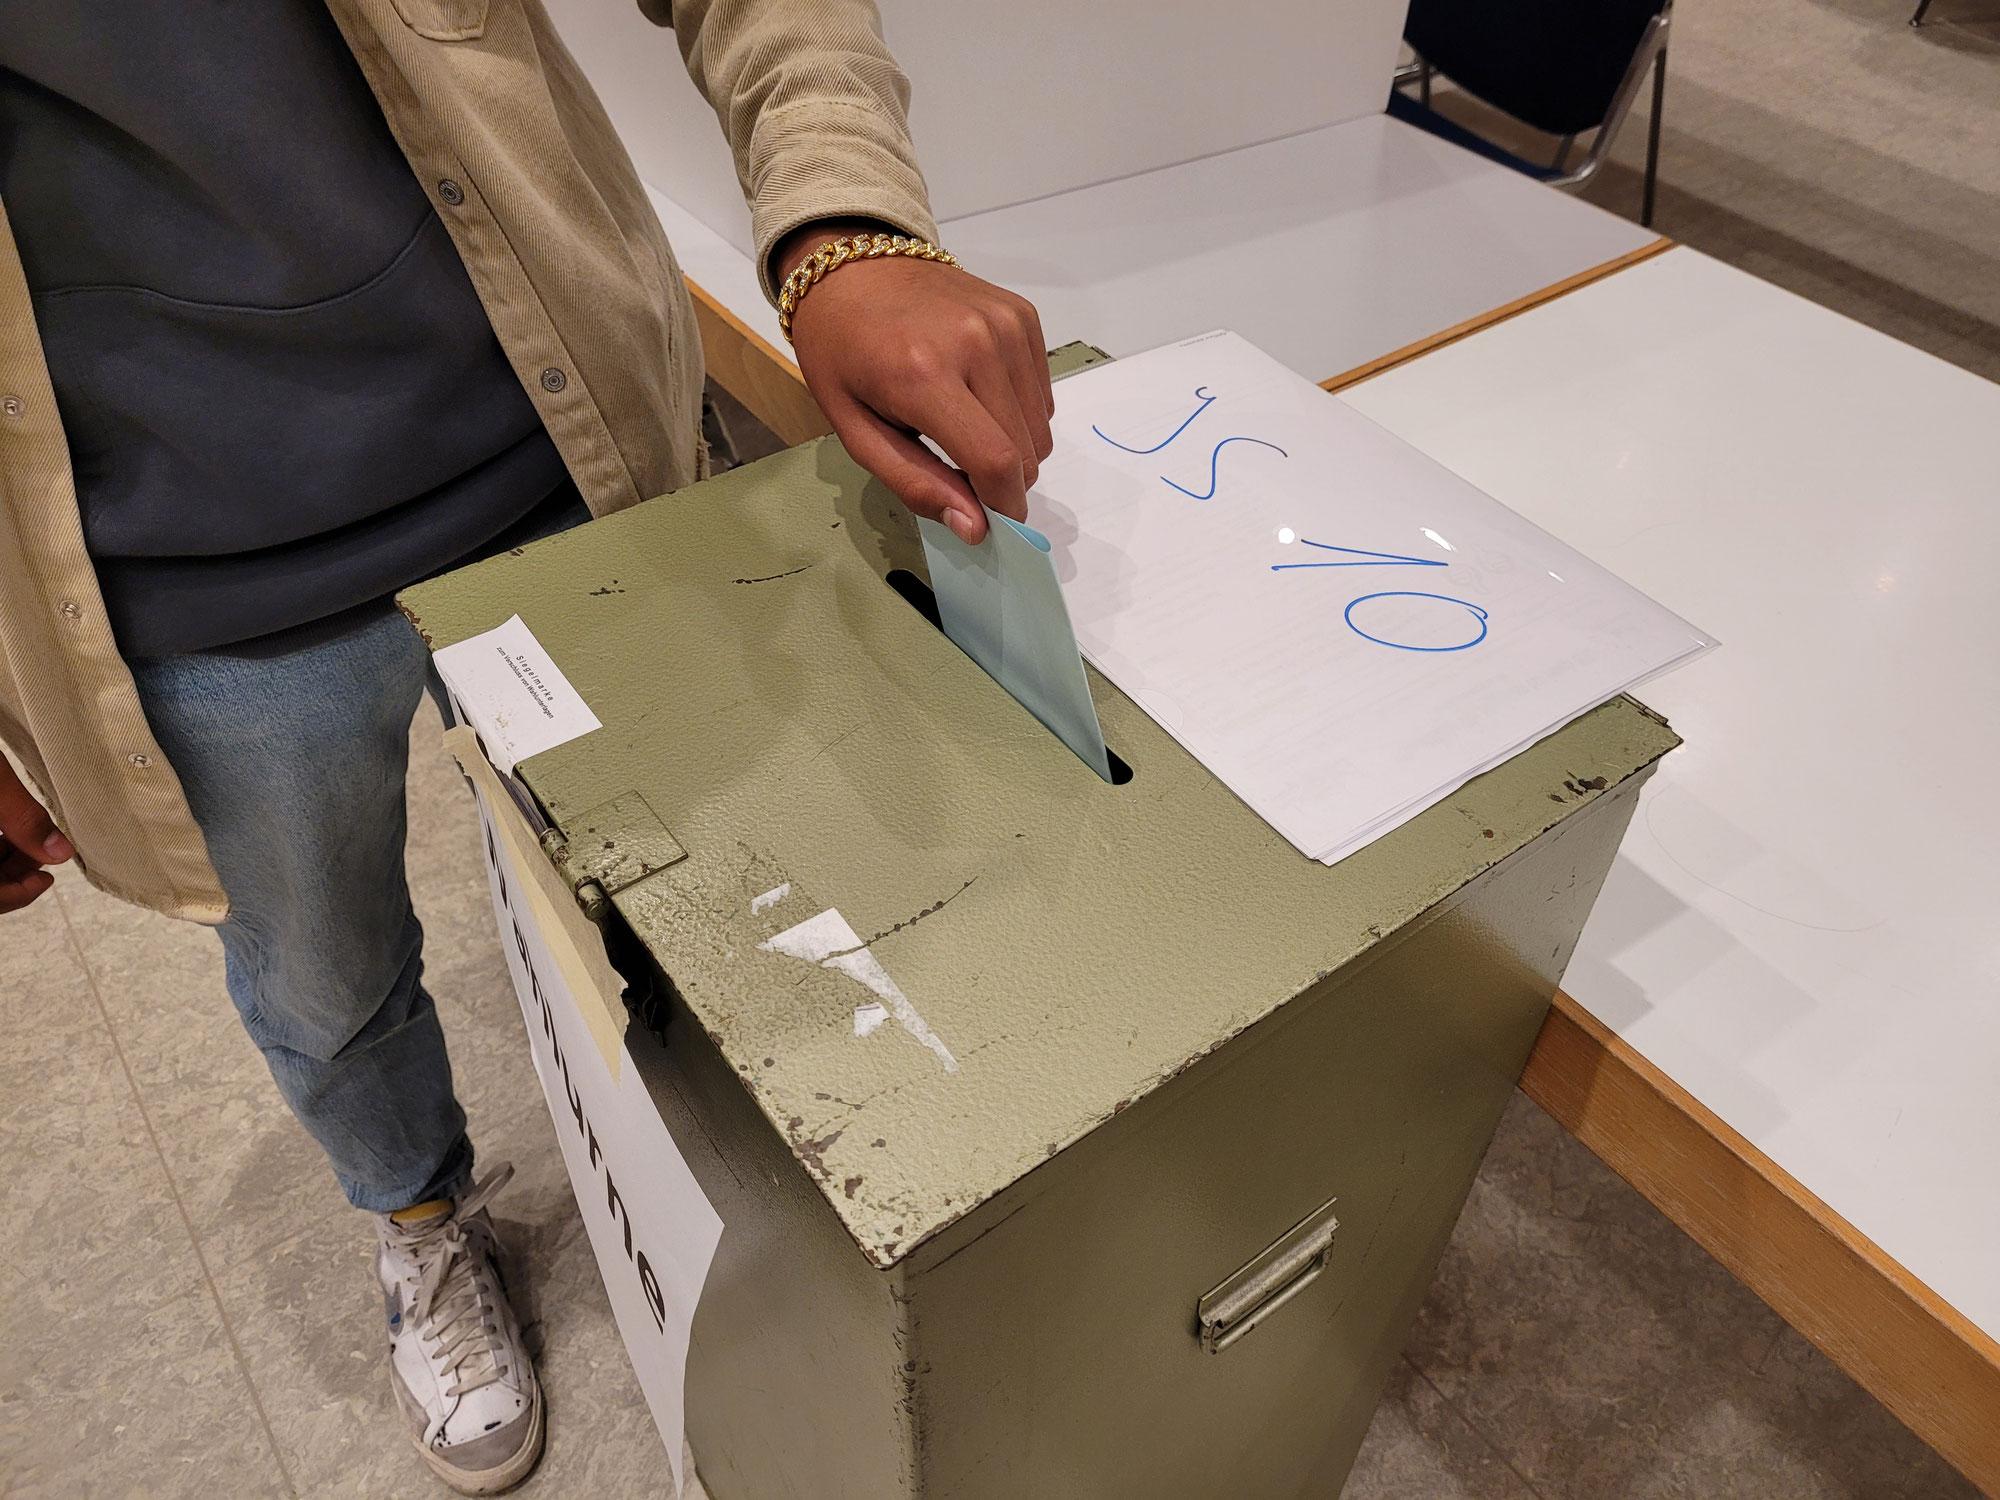 Demokratie erleben - Juniorwahlen an der Gesamtschule Freudenberg